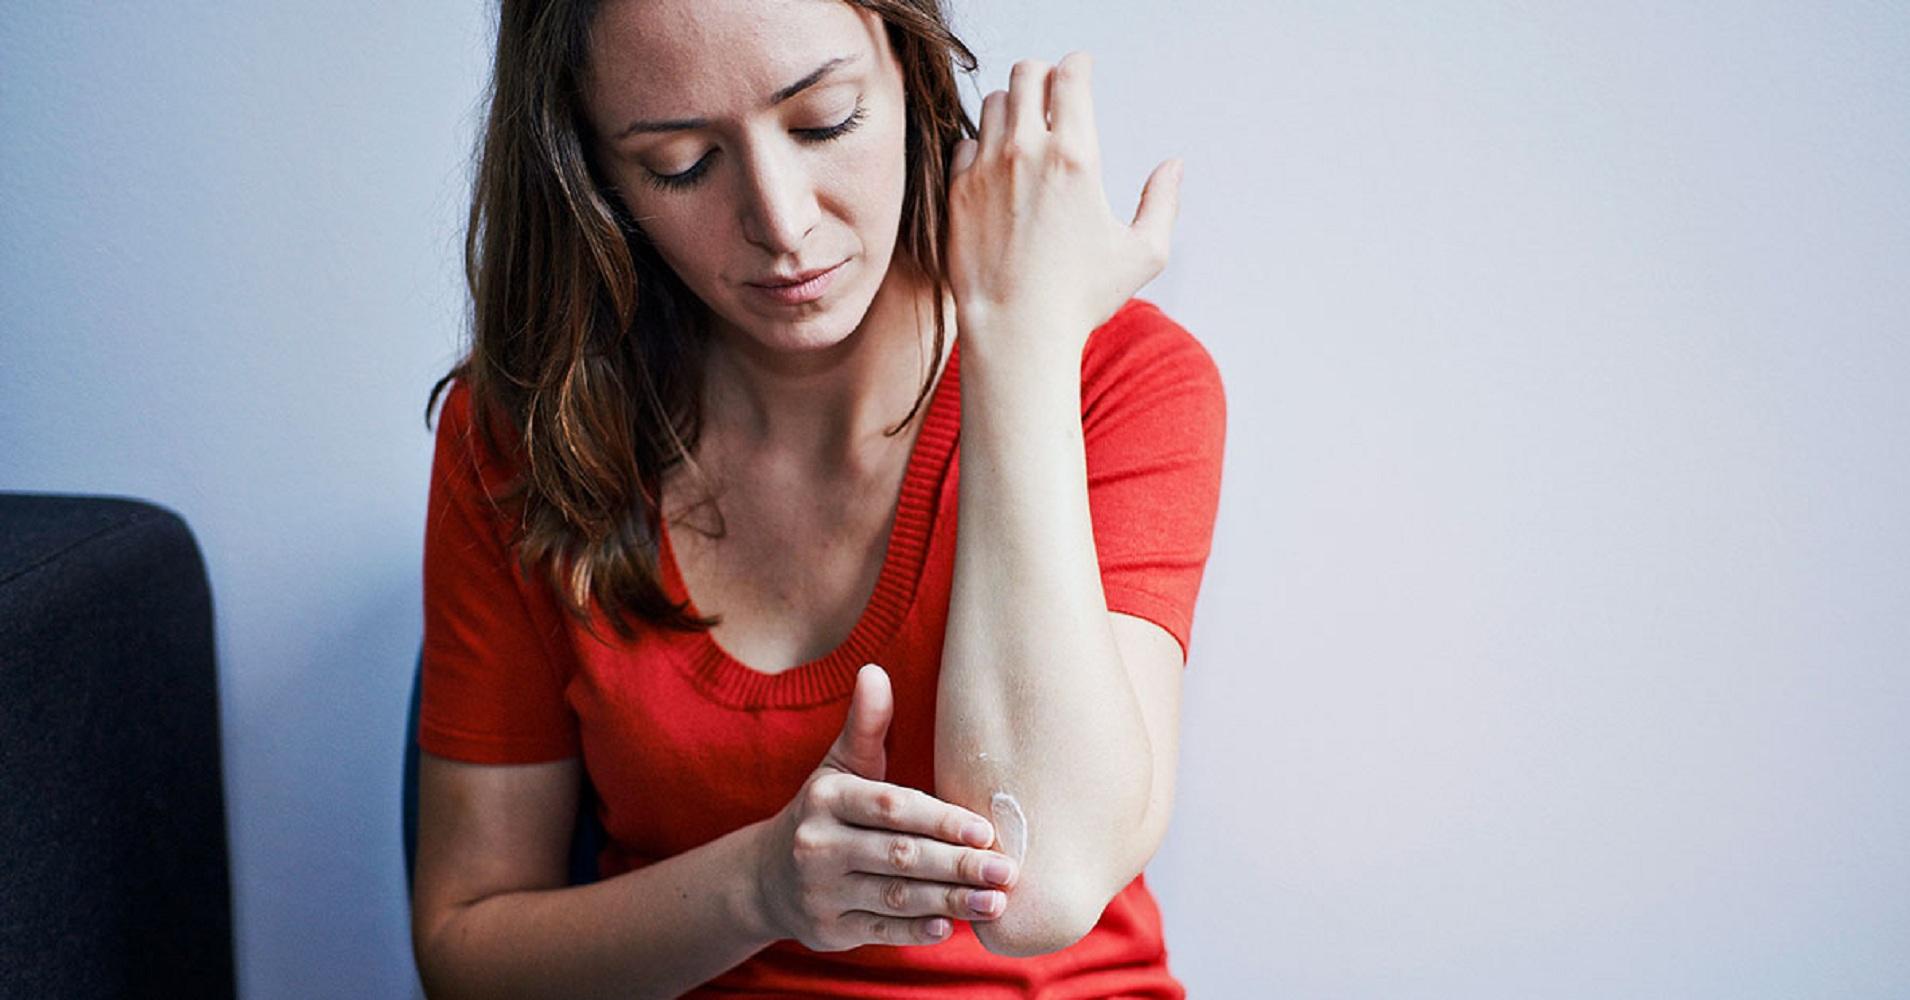 hogyan kezeljük az ízületi sprainket)